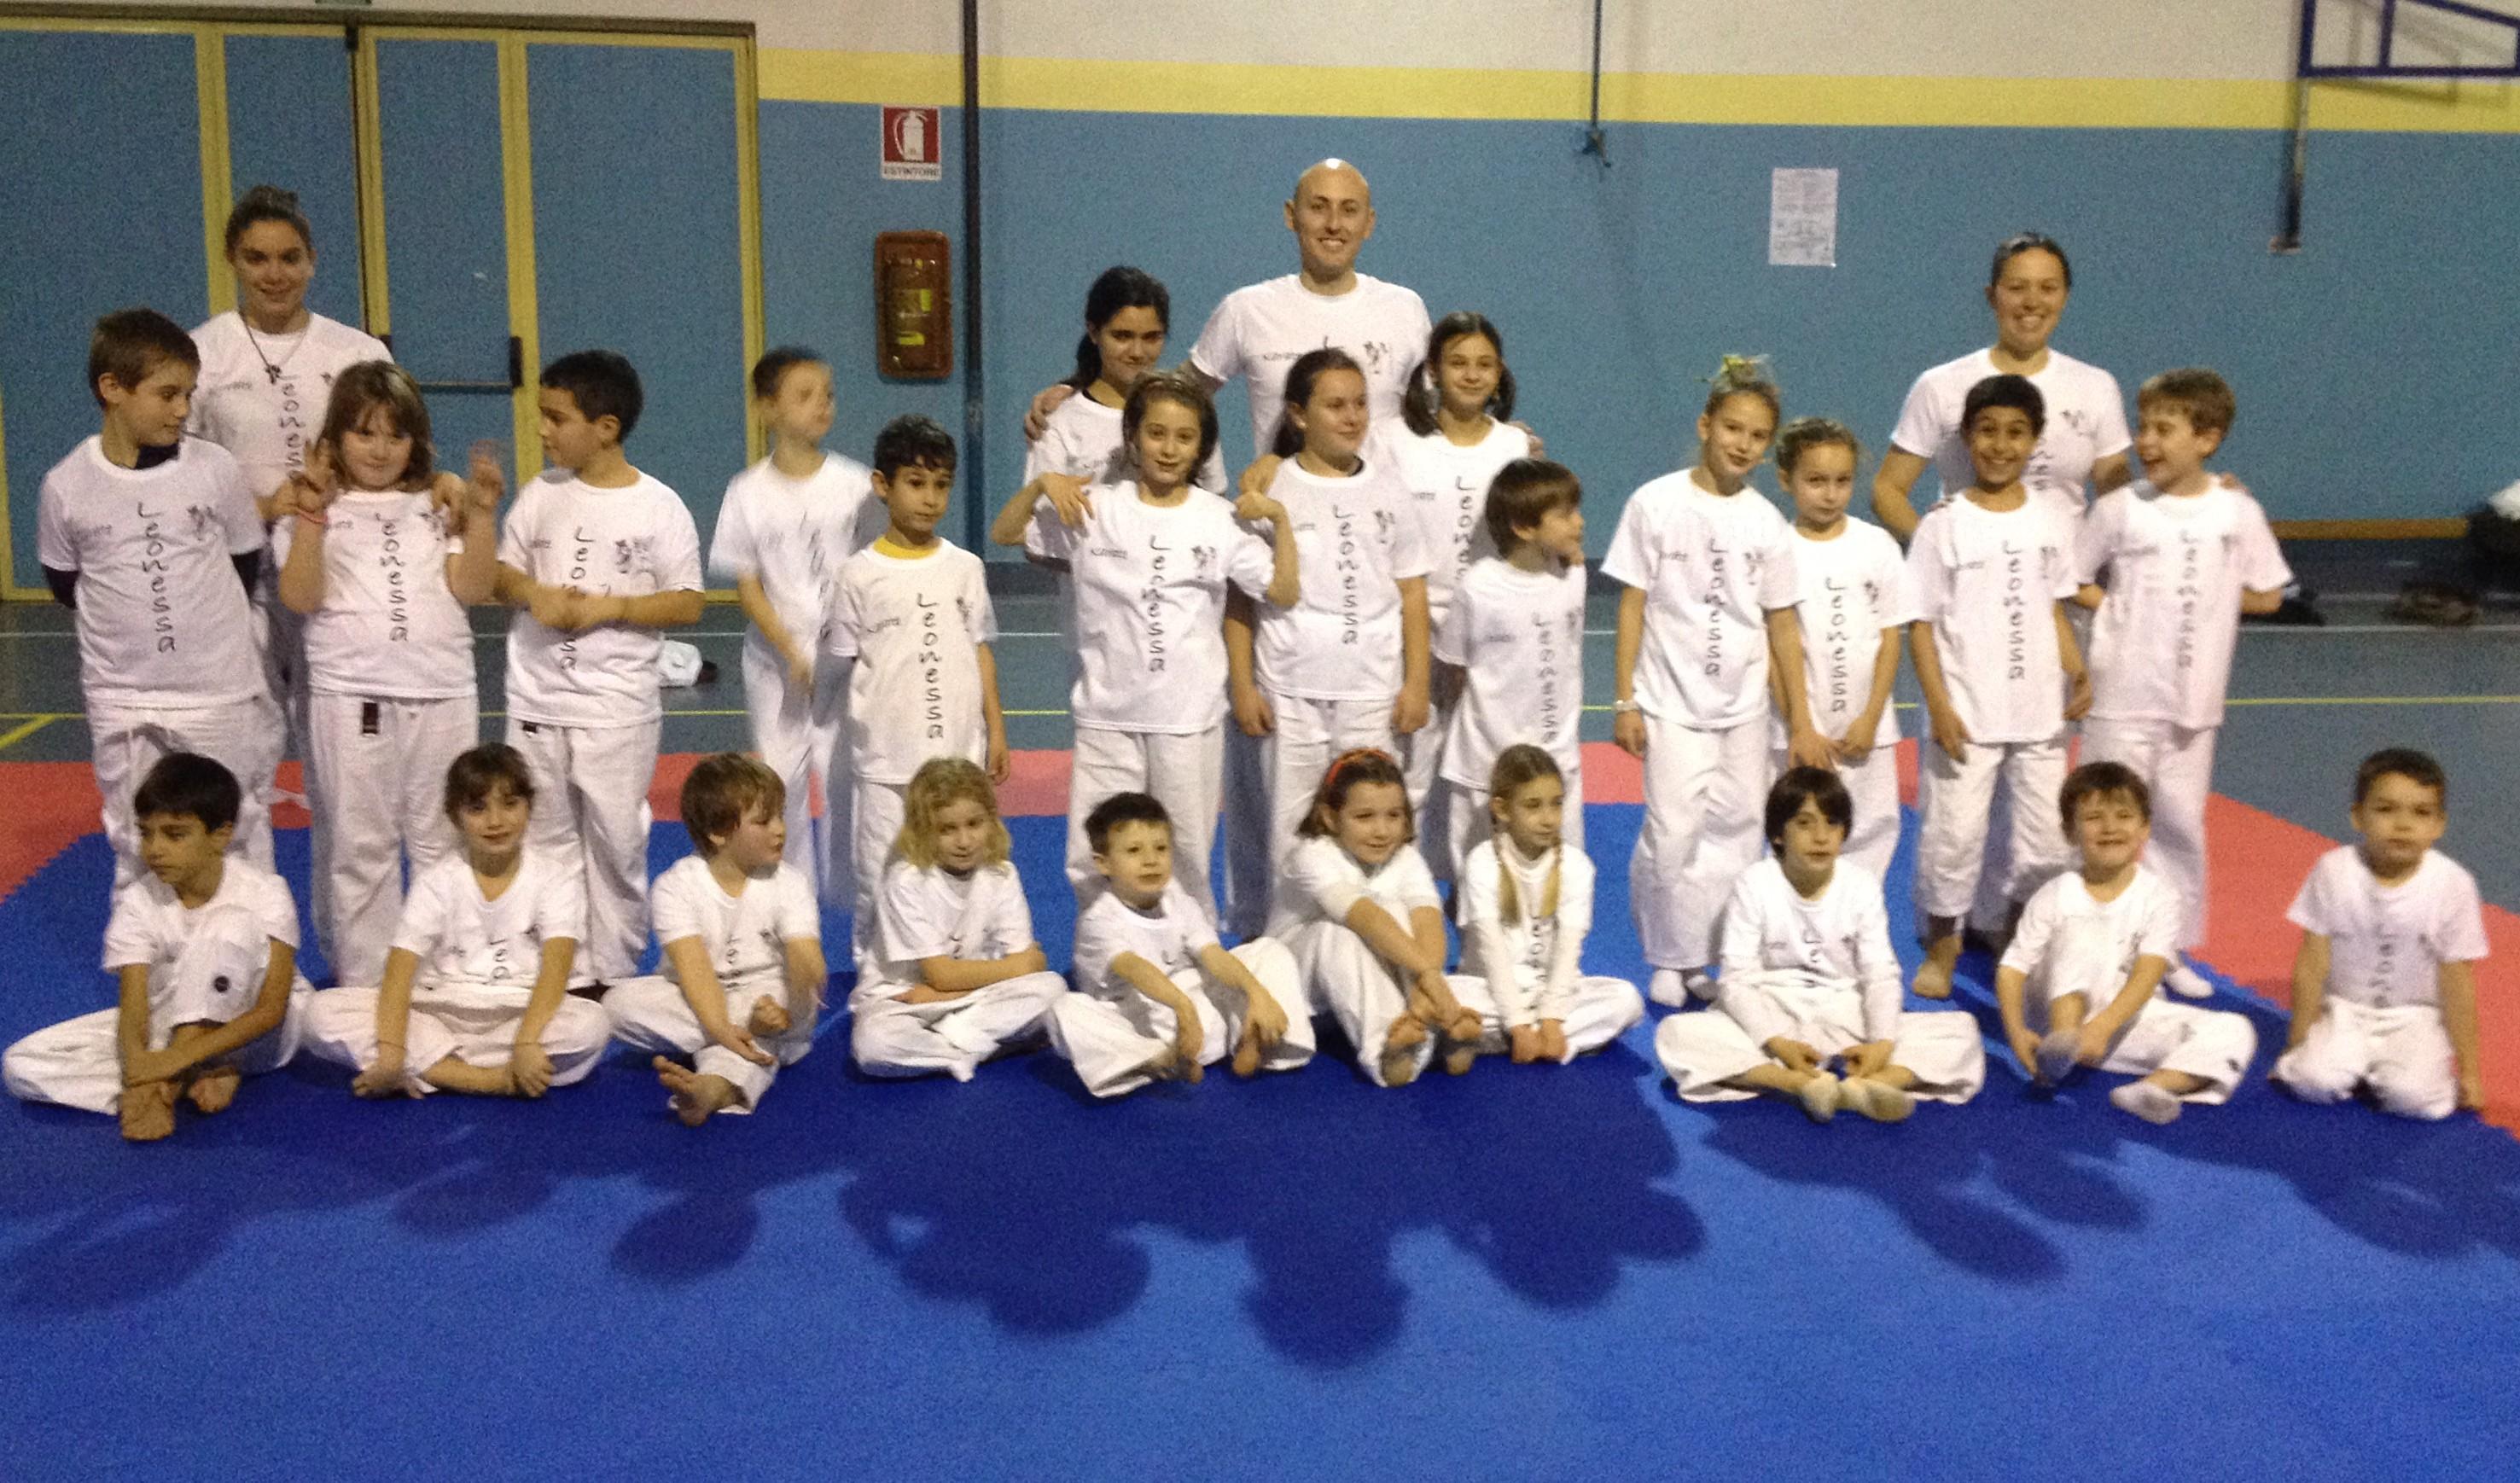 Allenamento festa 13 dicembre 2013 ginnastica leonessa - Palestra bagnolo mella ...